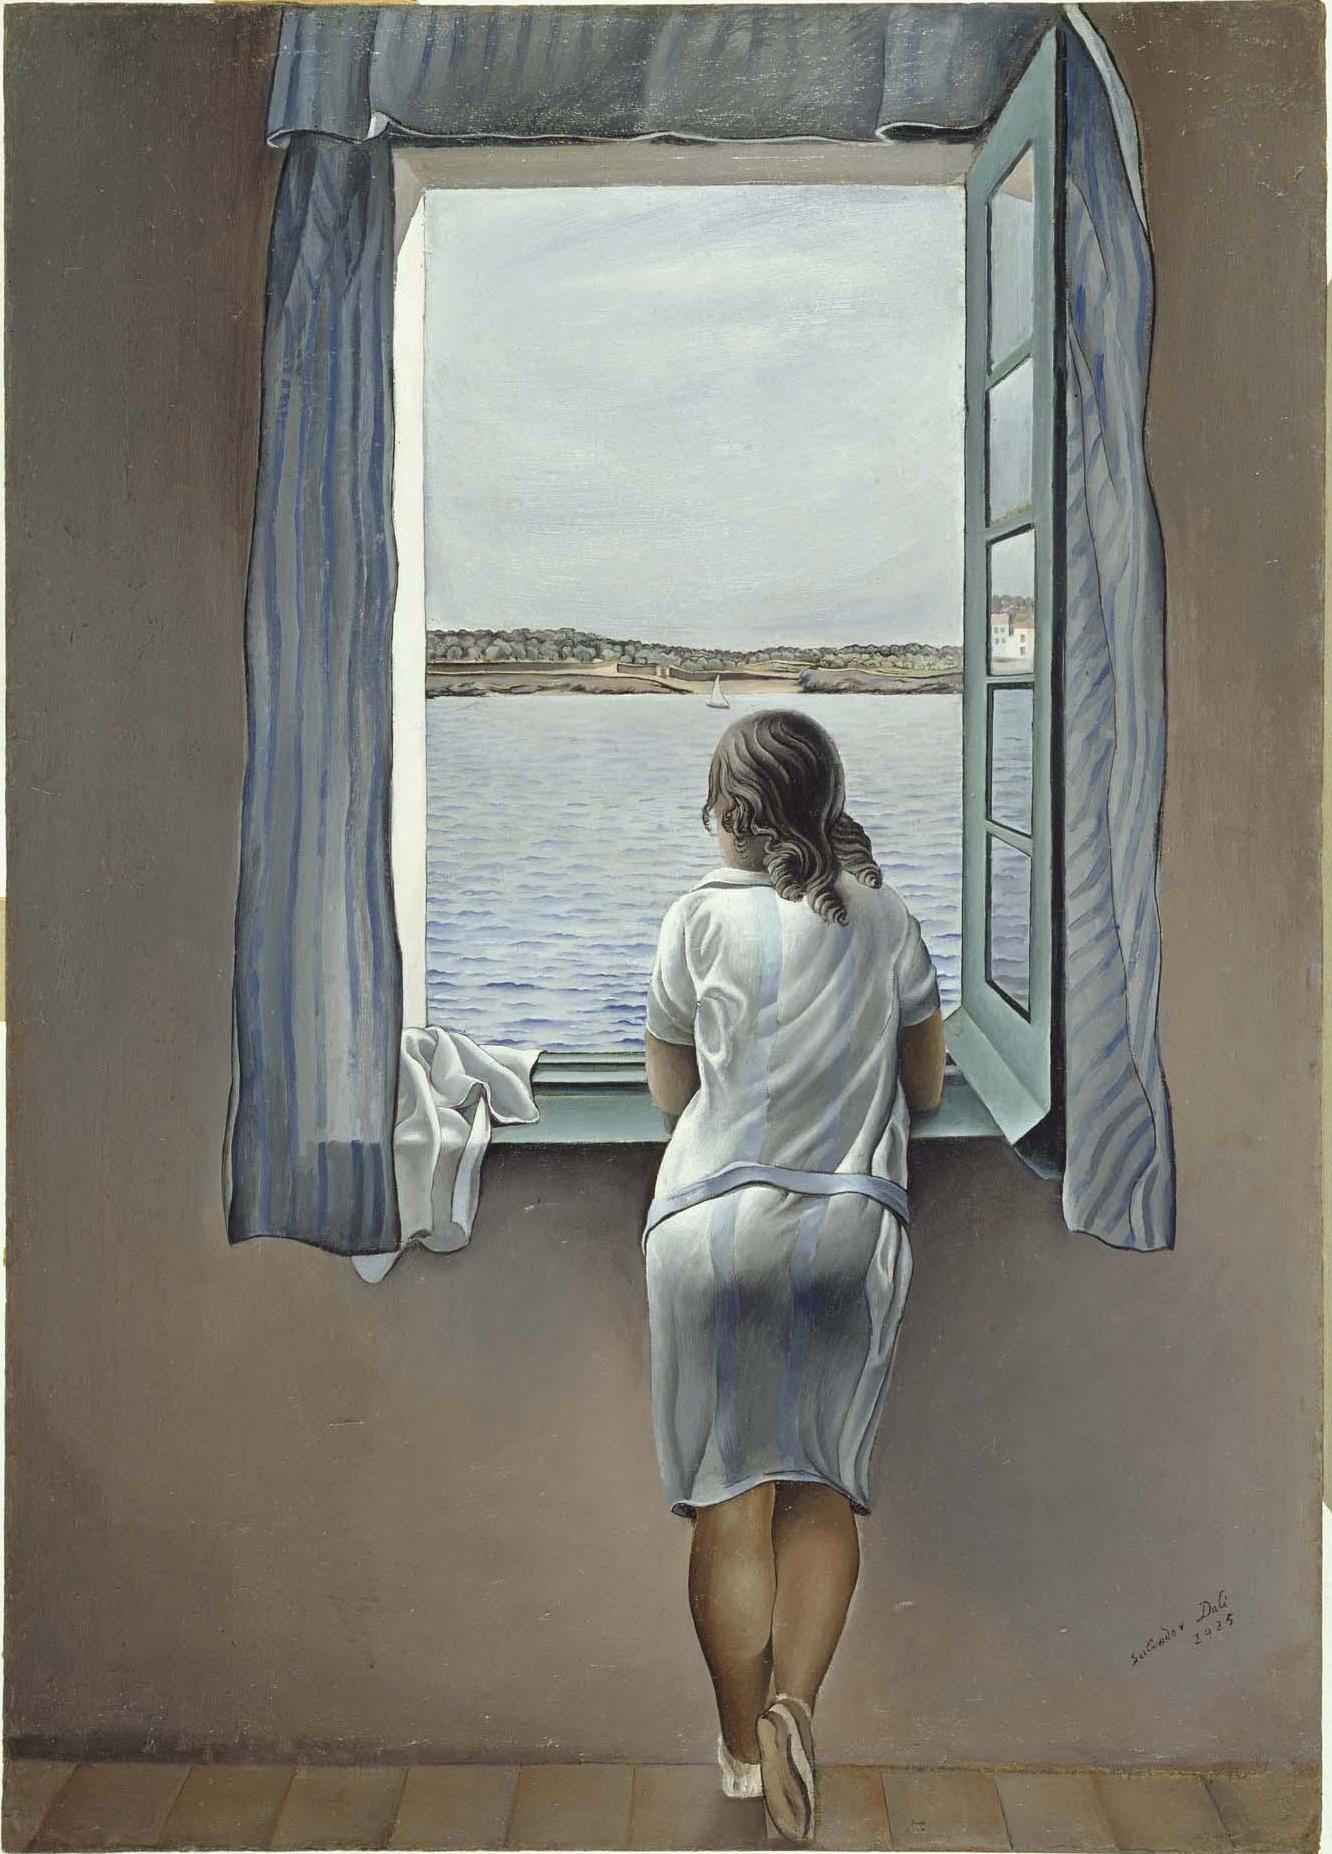 Salvador Dalí - Figura en una finestra (Figura en una ventana)